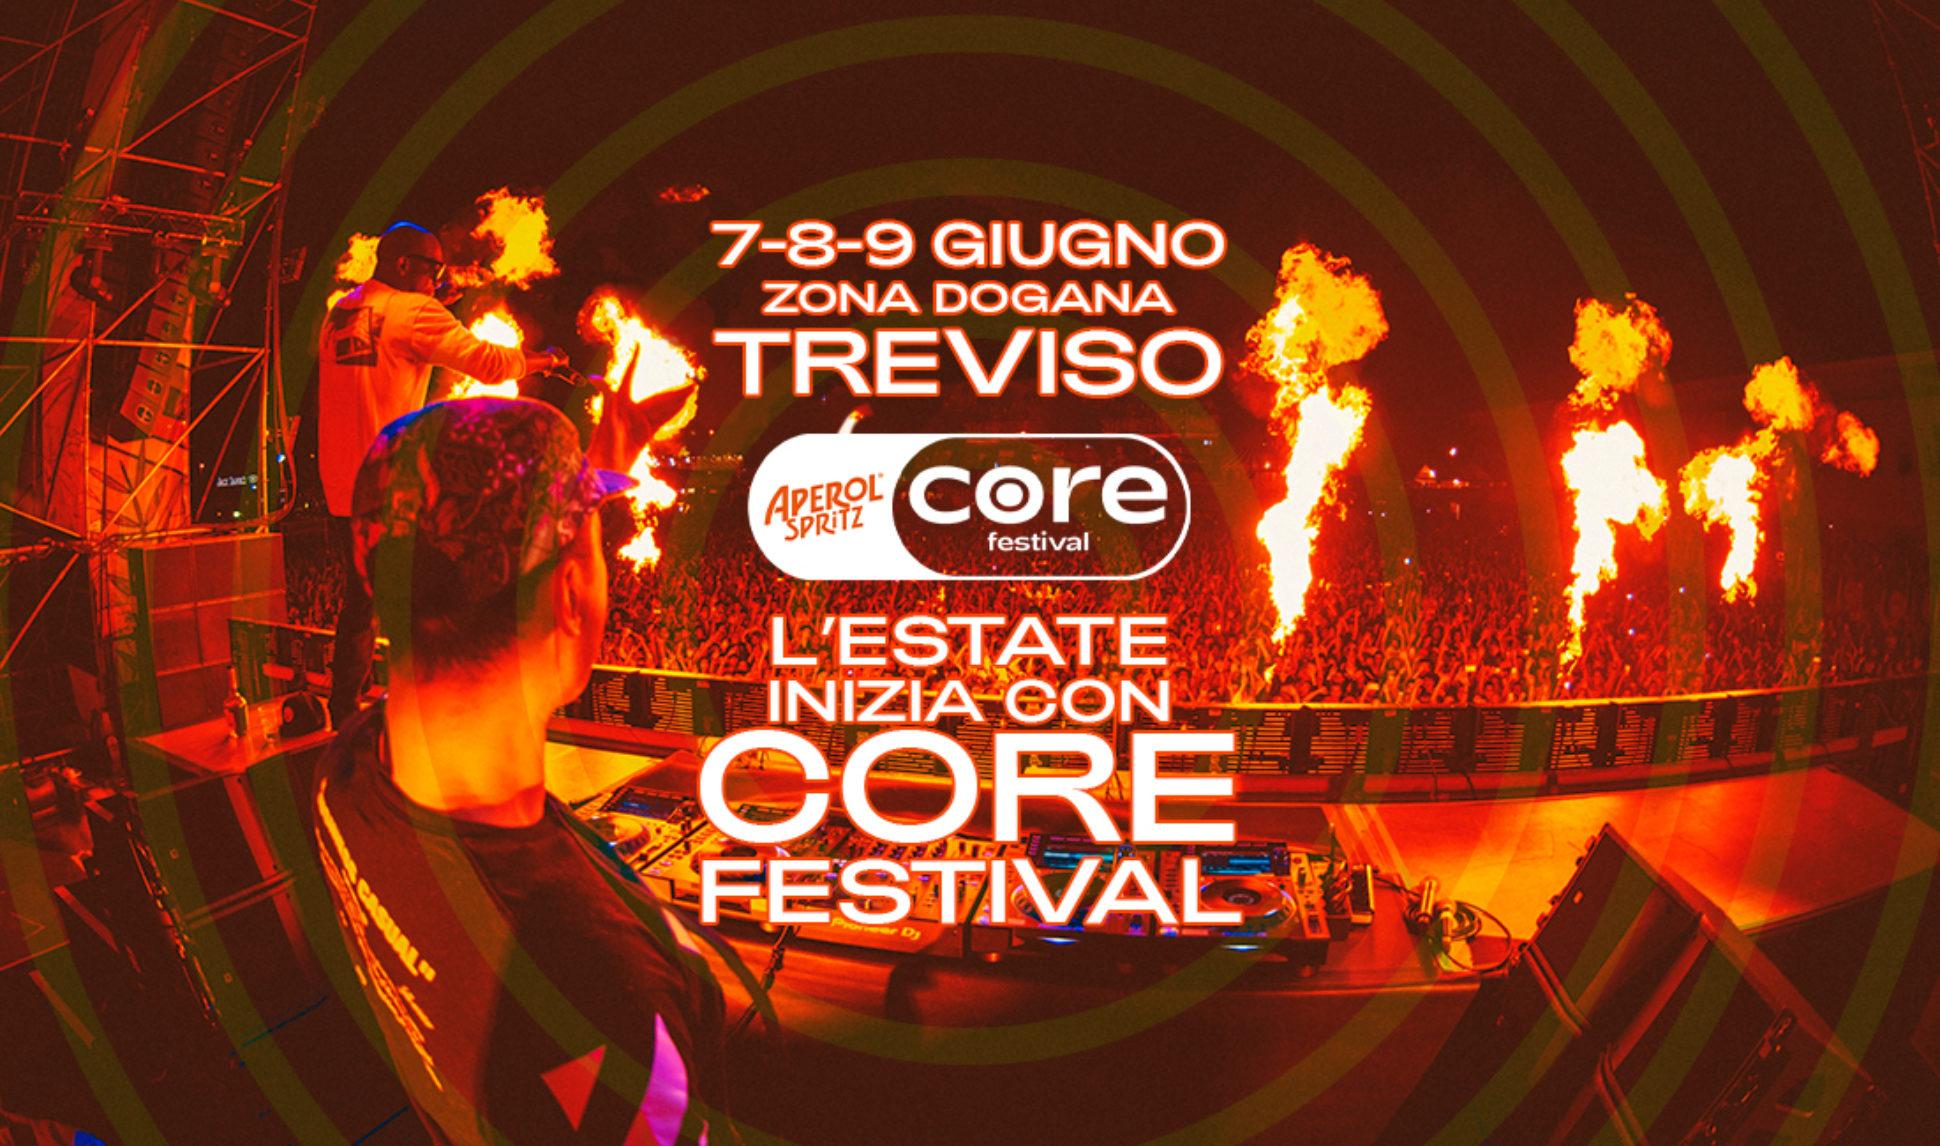 Core Festival 2019 Treviso Home Festival